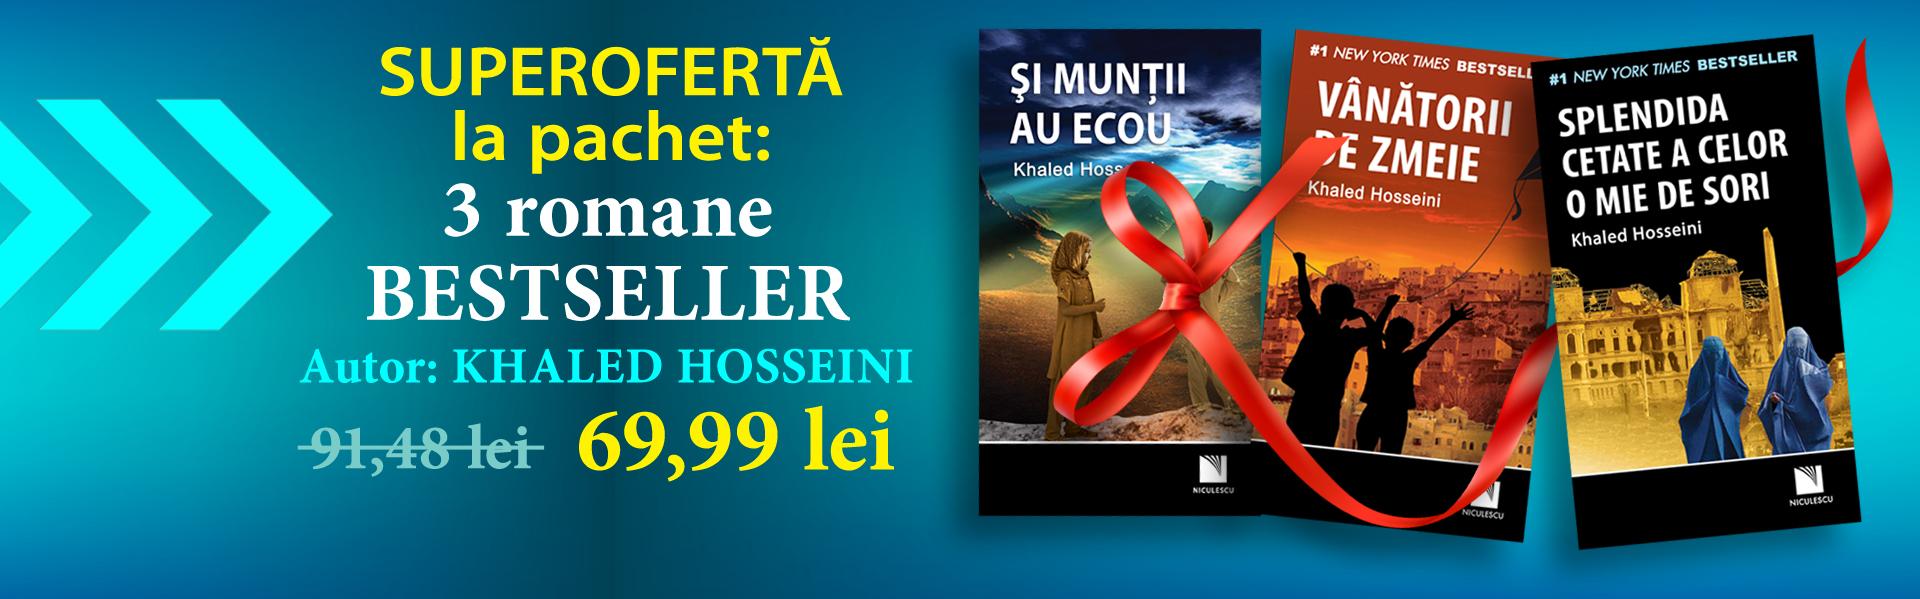 Pachet romane bestseller Khaled Hosseini